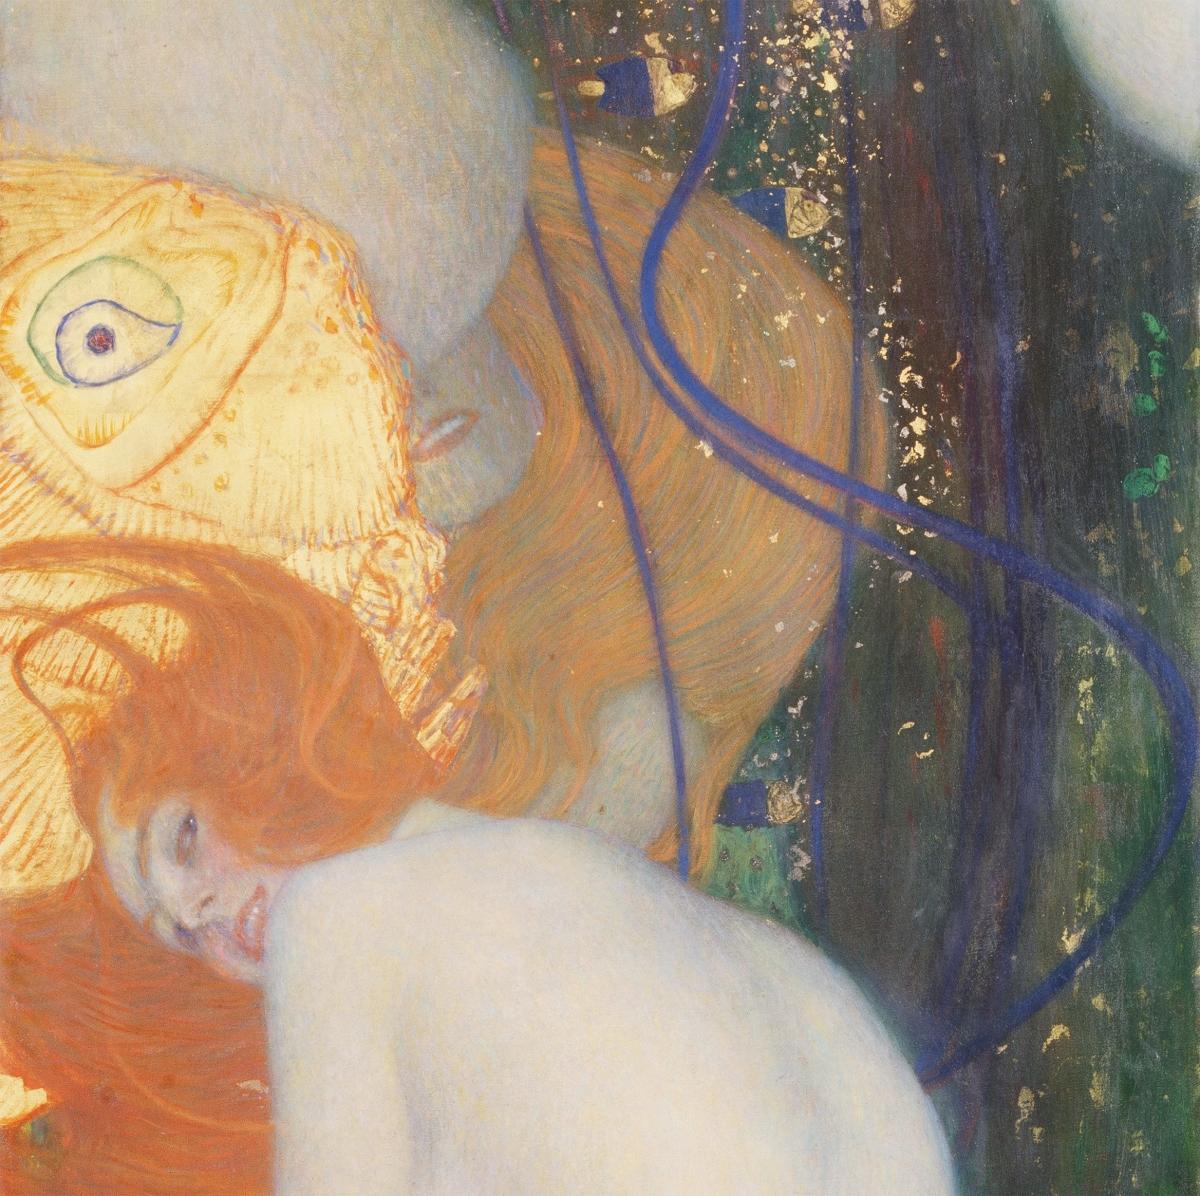 À fleur de peau. Vienne 1900, de Klimt à Schiele et Kokoschka